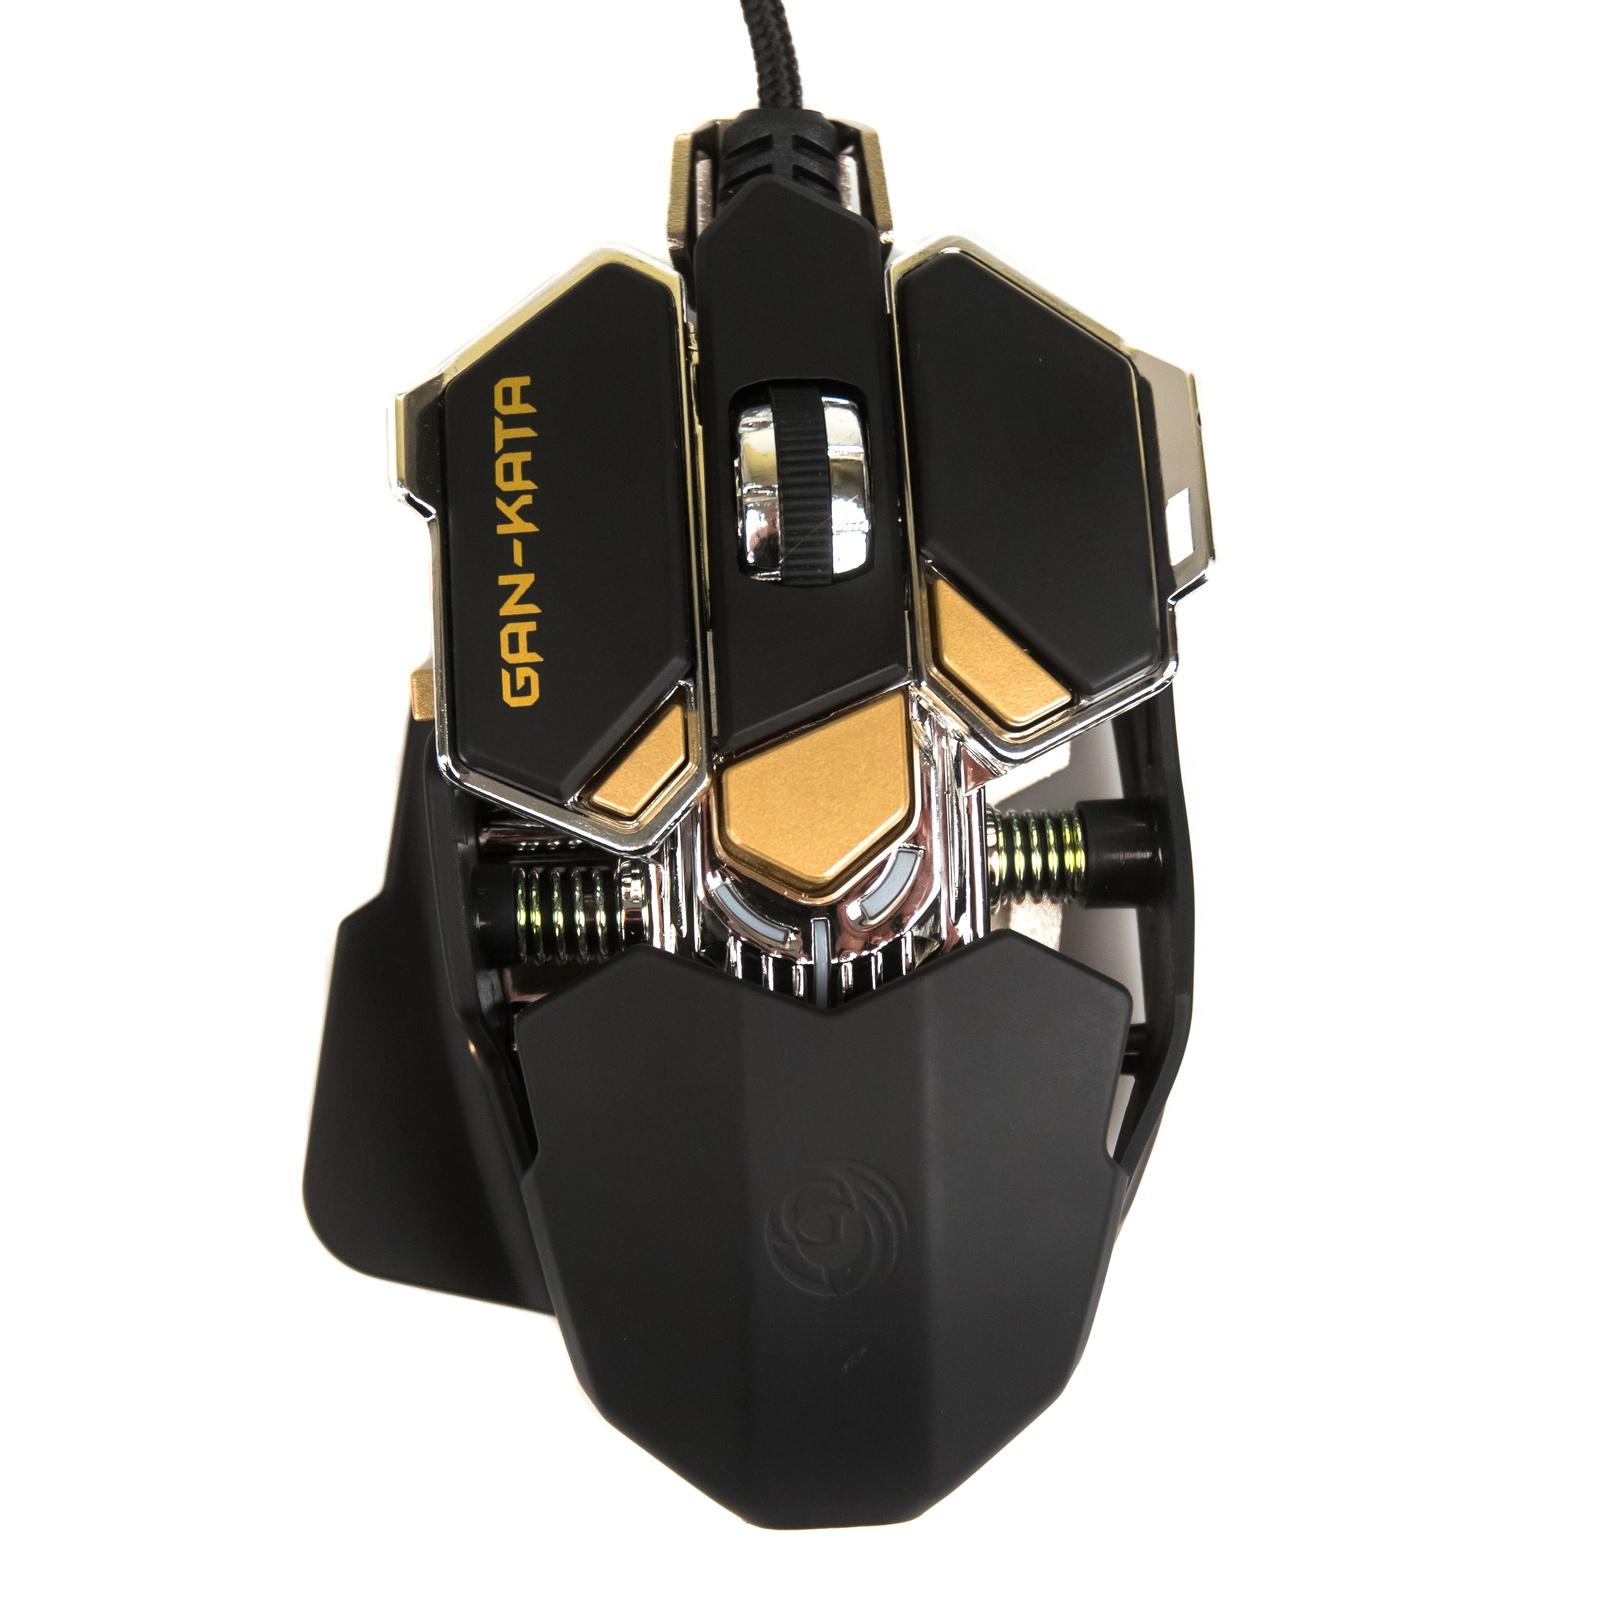 лучшая цена Игровая мышь DIALOG Gan-Kata MGK-50U, черная